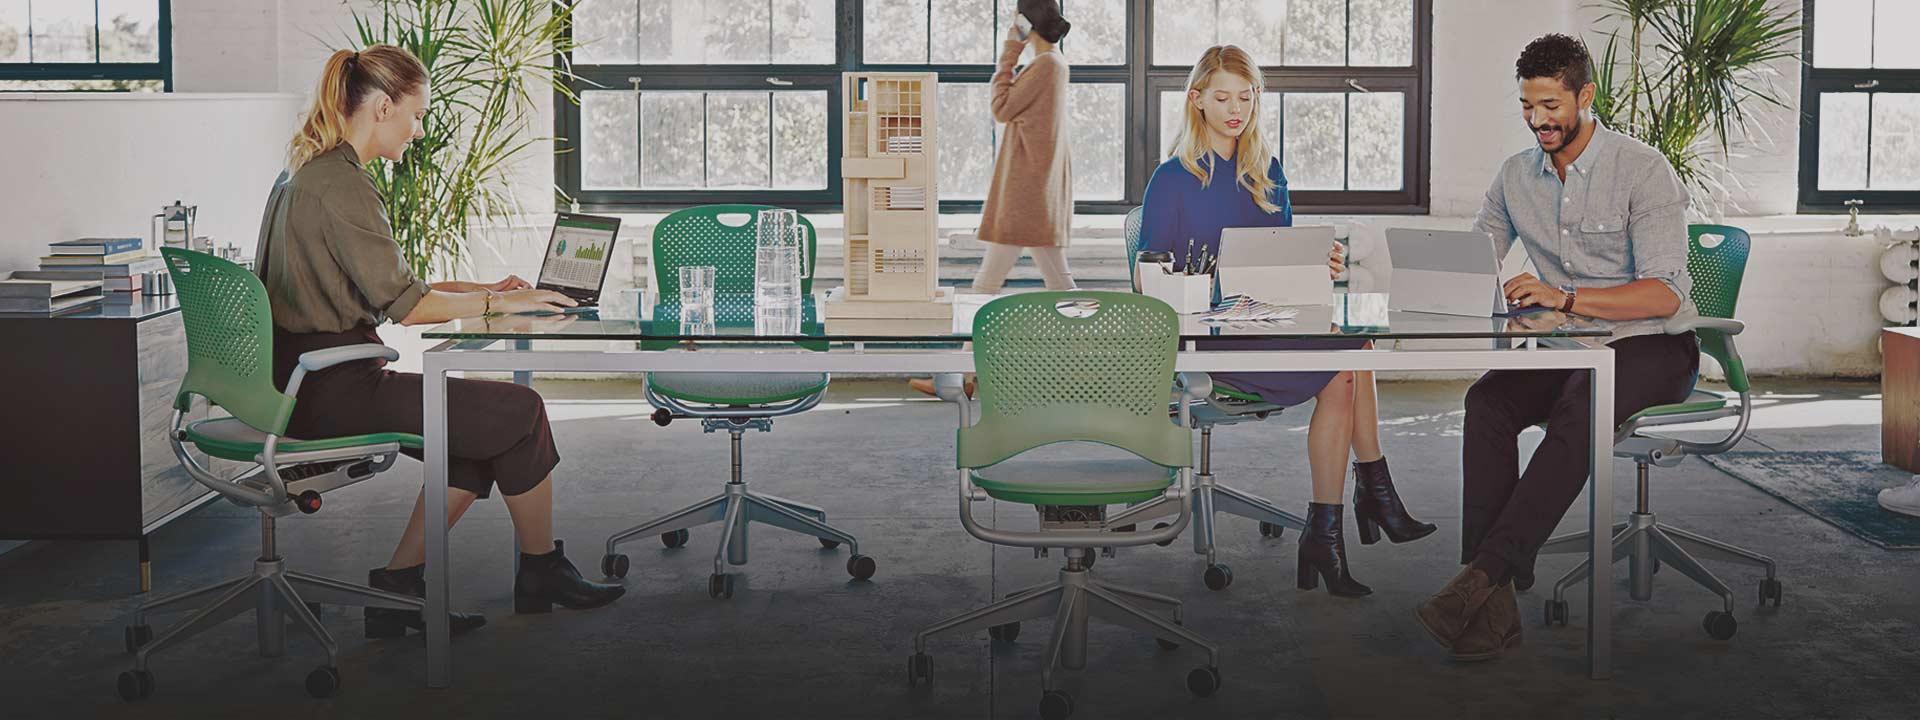 Des personnes en train de travailler, en savoir plus sur Office365